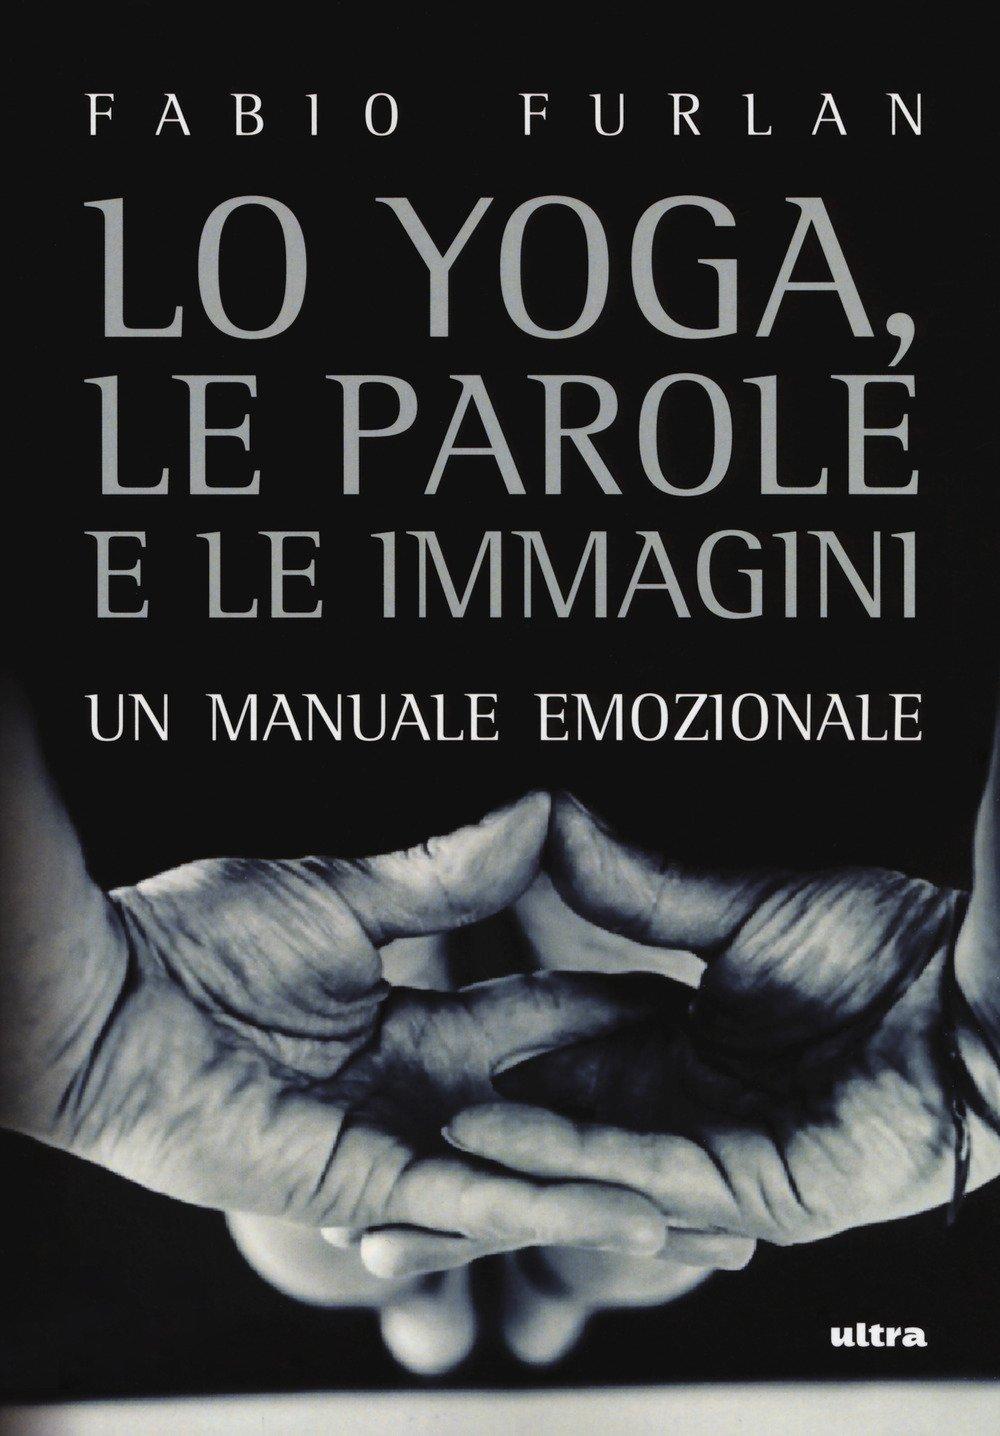 Lo yoga, le parole e le immagini. Un manuale emozionale